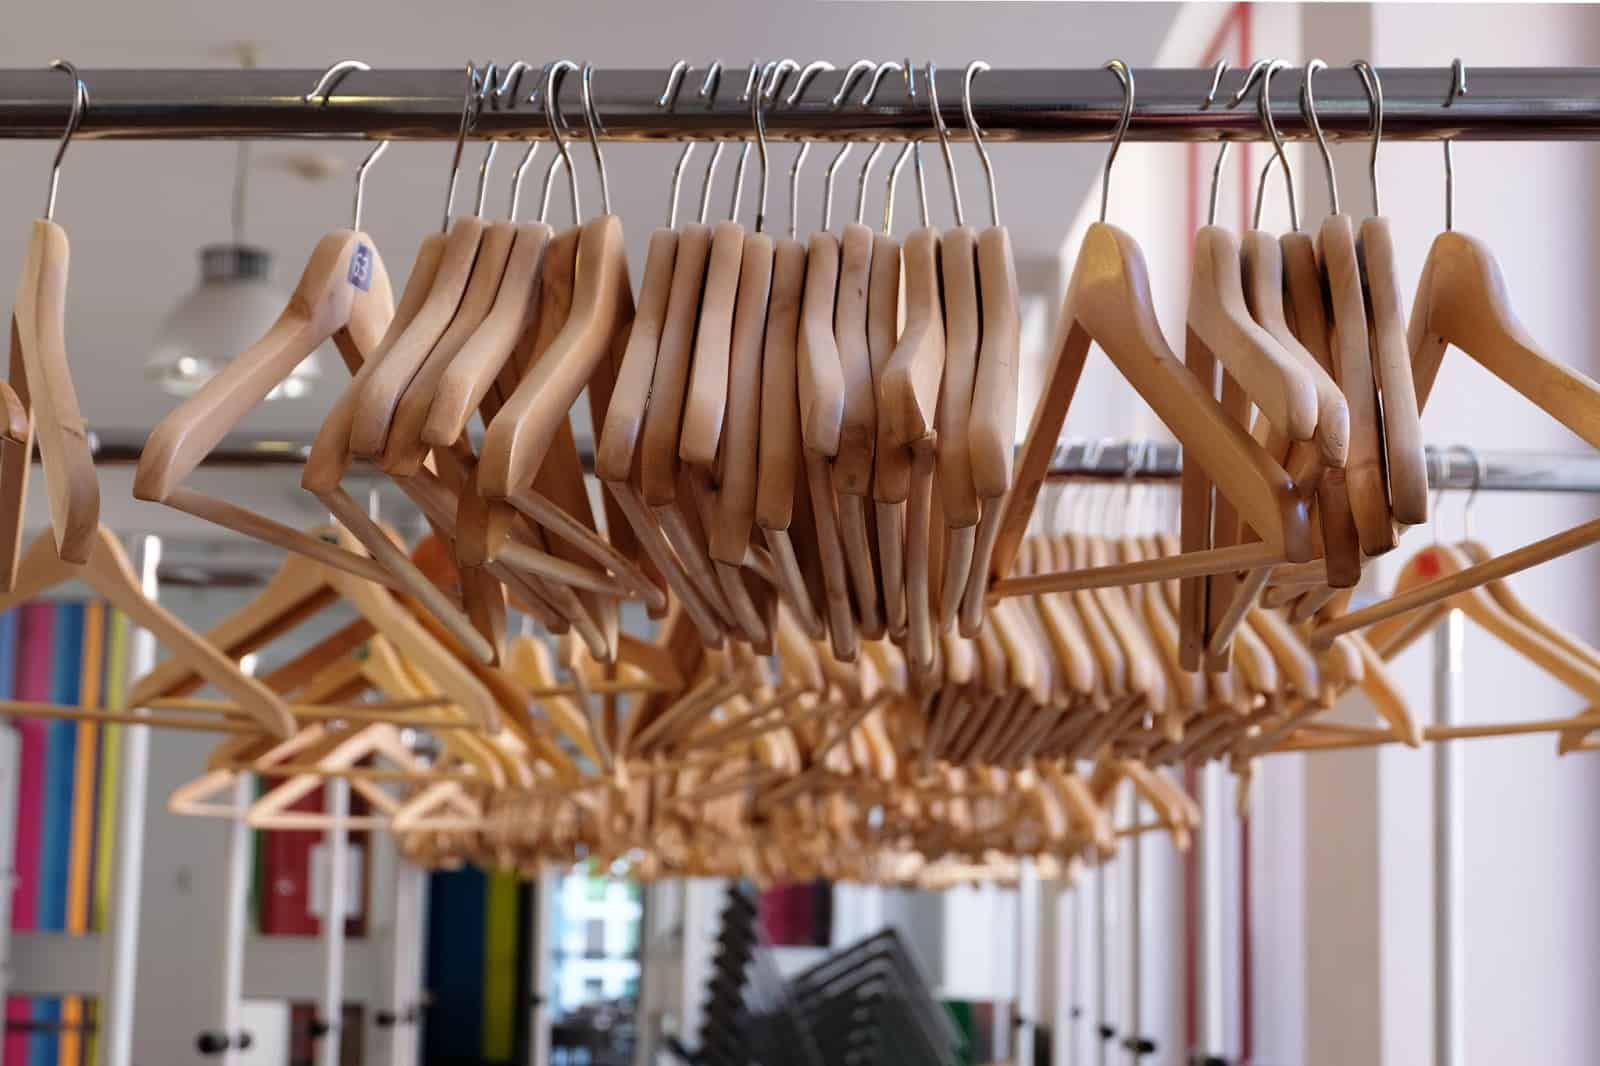 hangers-closet-organization clutter free closet